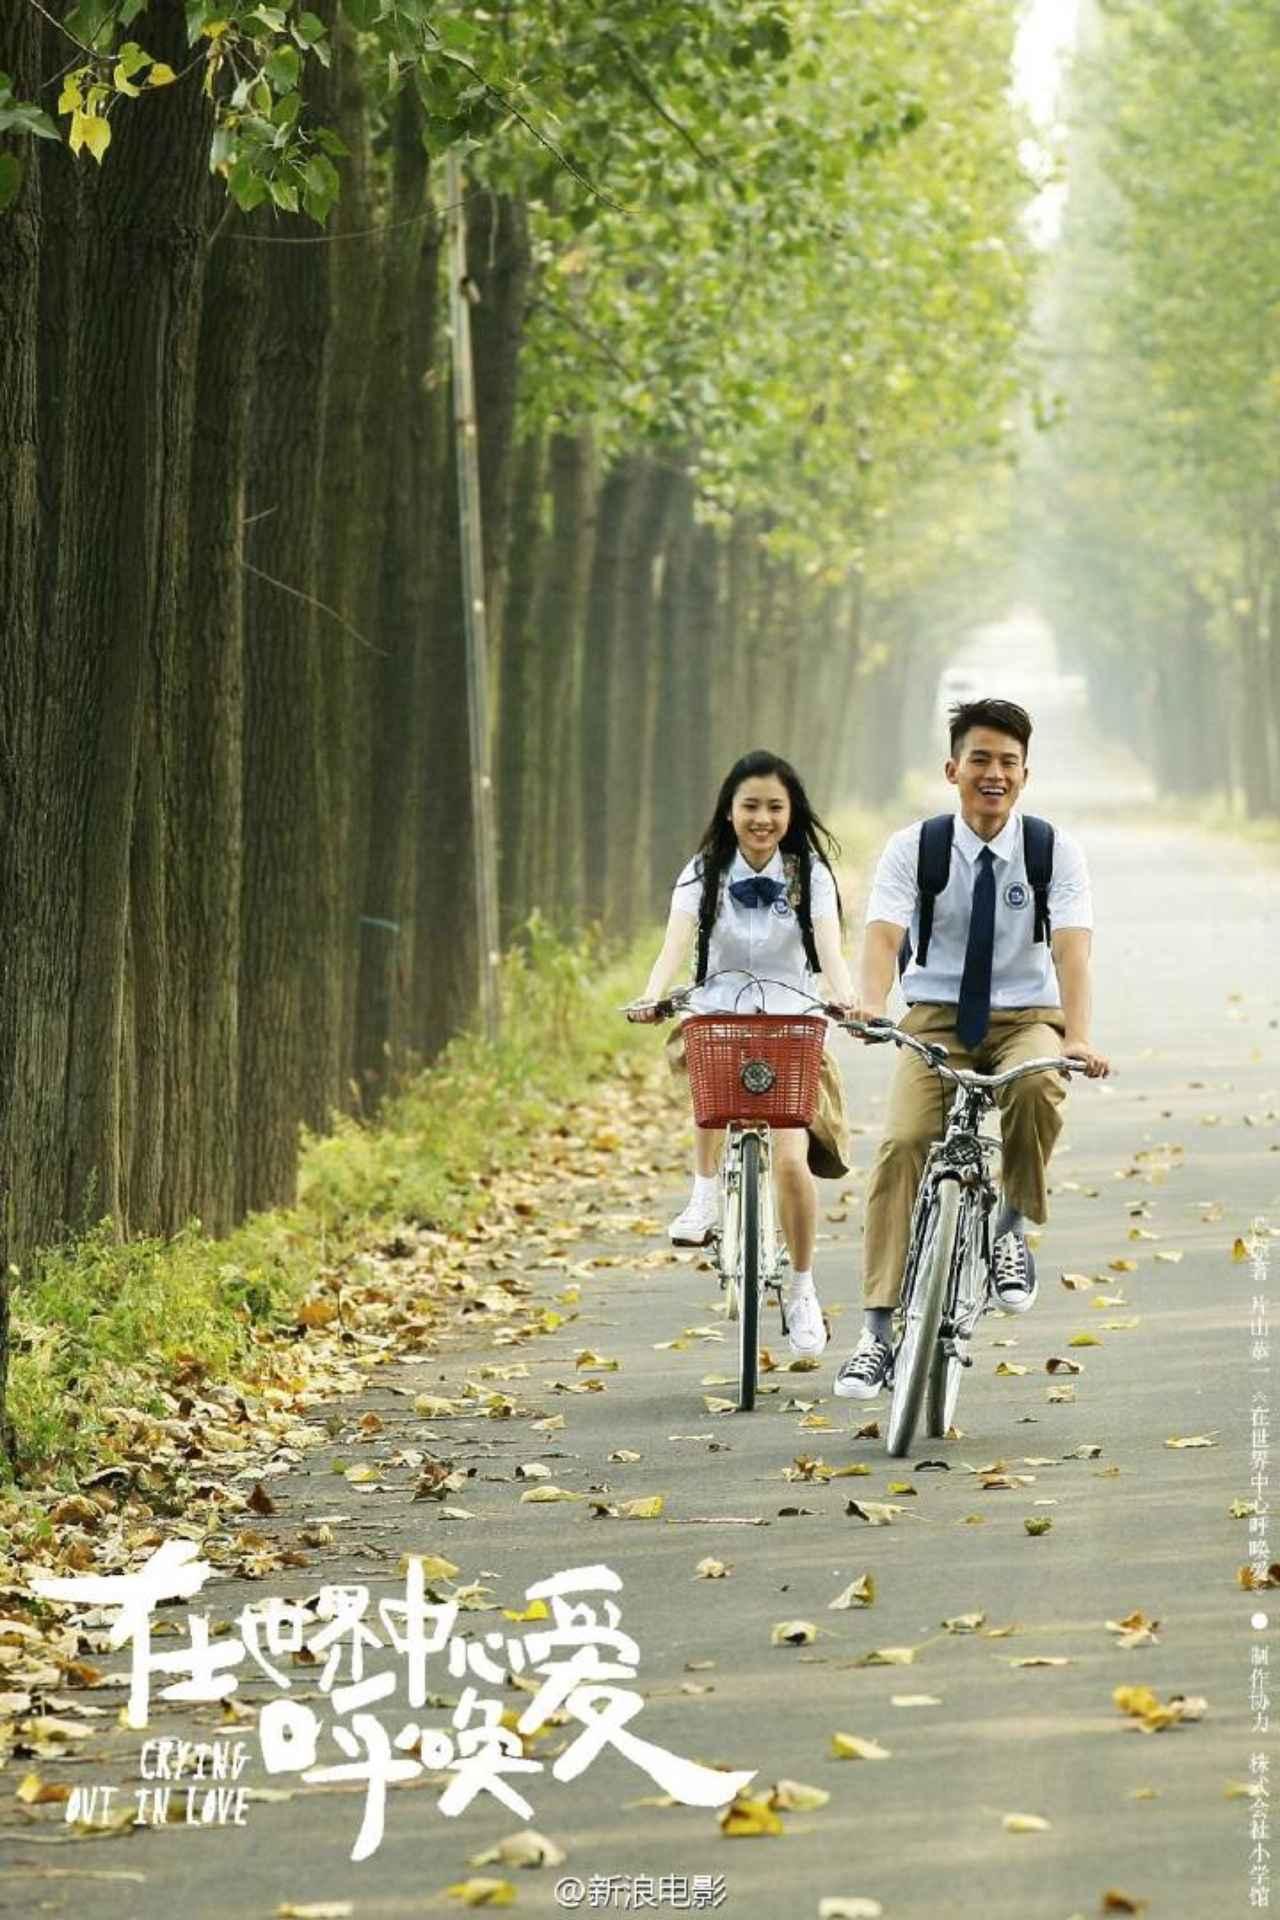 『世界の中心で、愛をさけぶ』の中国版リメークが8月より公開!ヒロインは張芸謀の申し子チャン・ホイウェン!